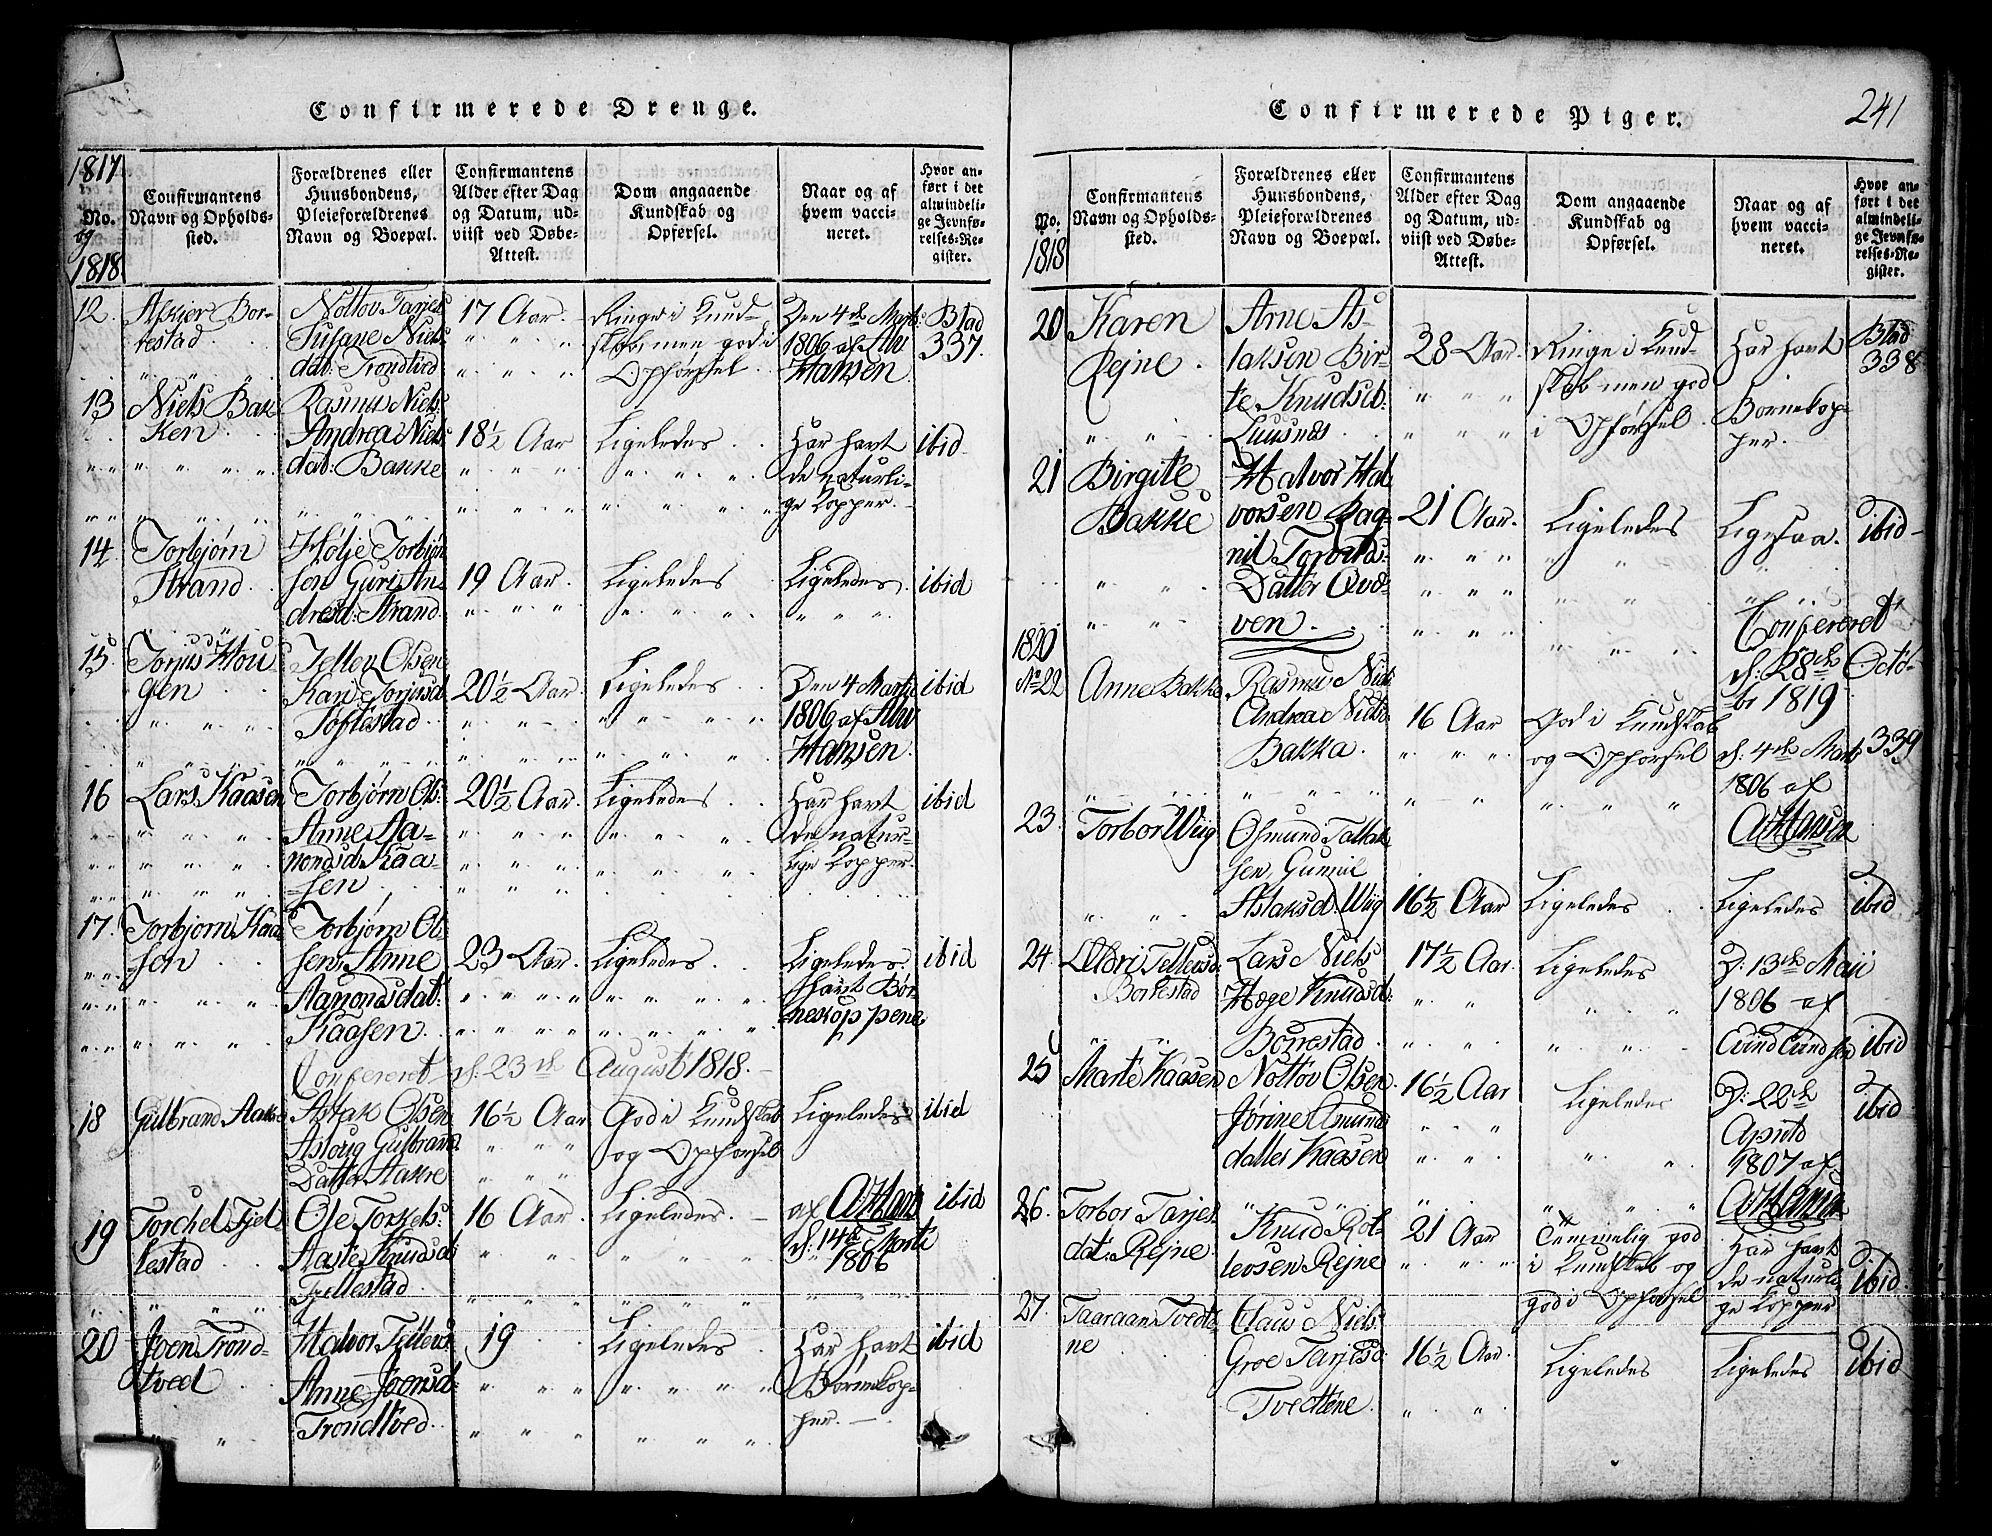 SAKO, Nissedal kirkebøker, G/Ga/L0001: Klokkerbok nr. I 1, 1814-1860, s. 241